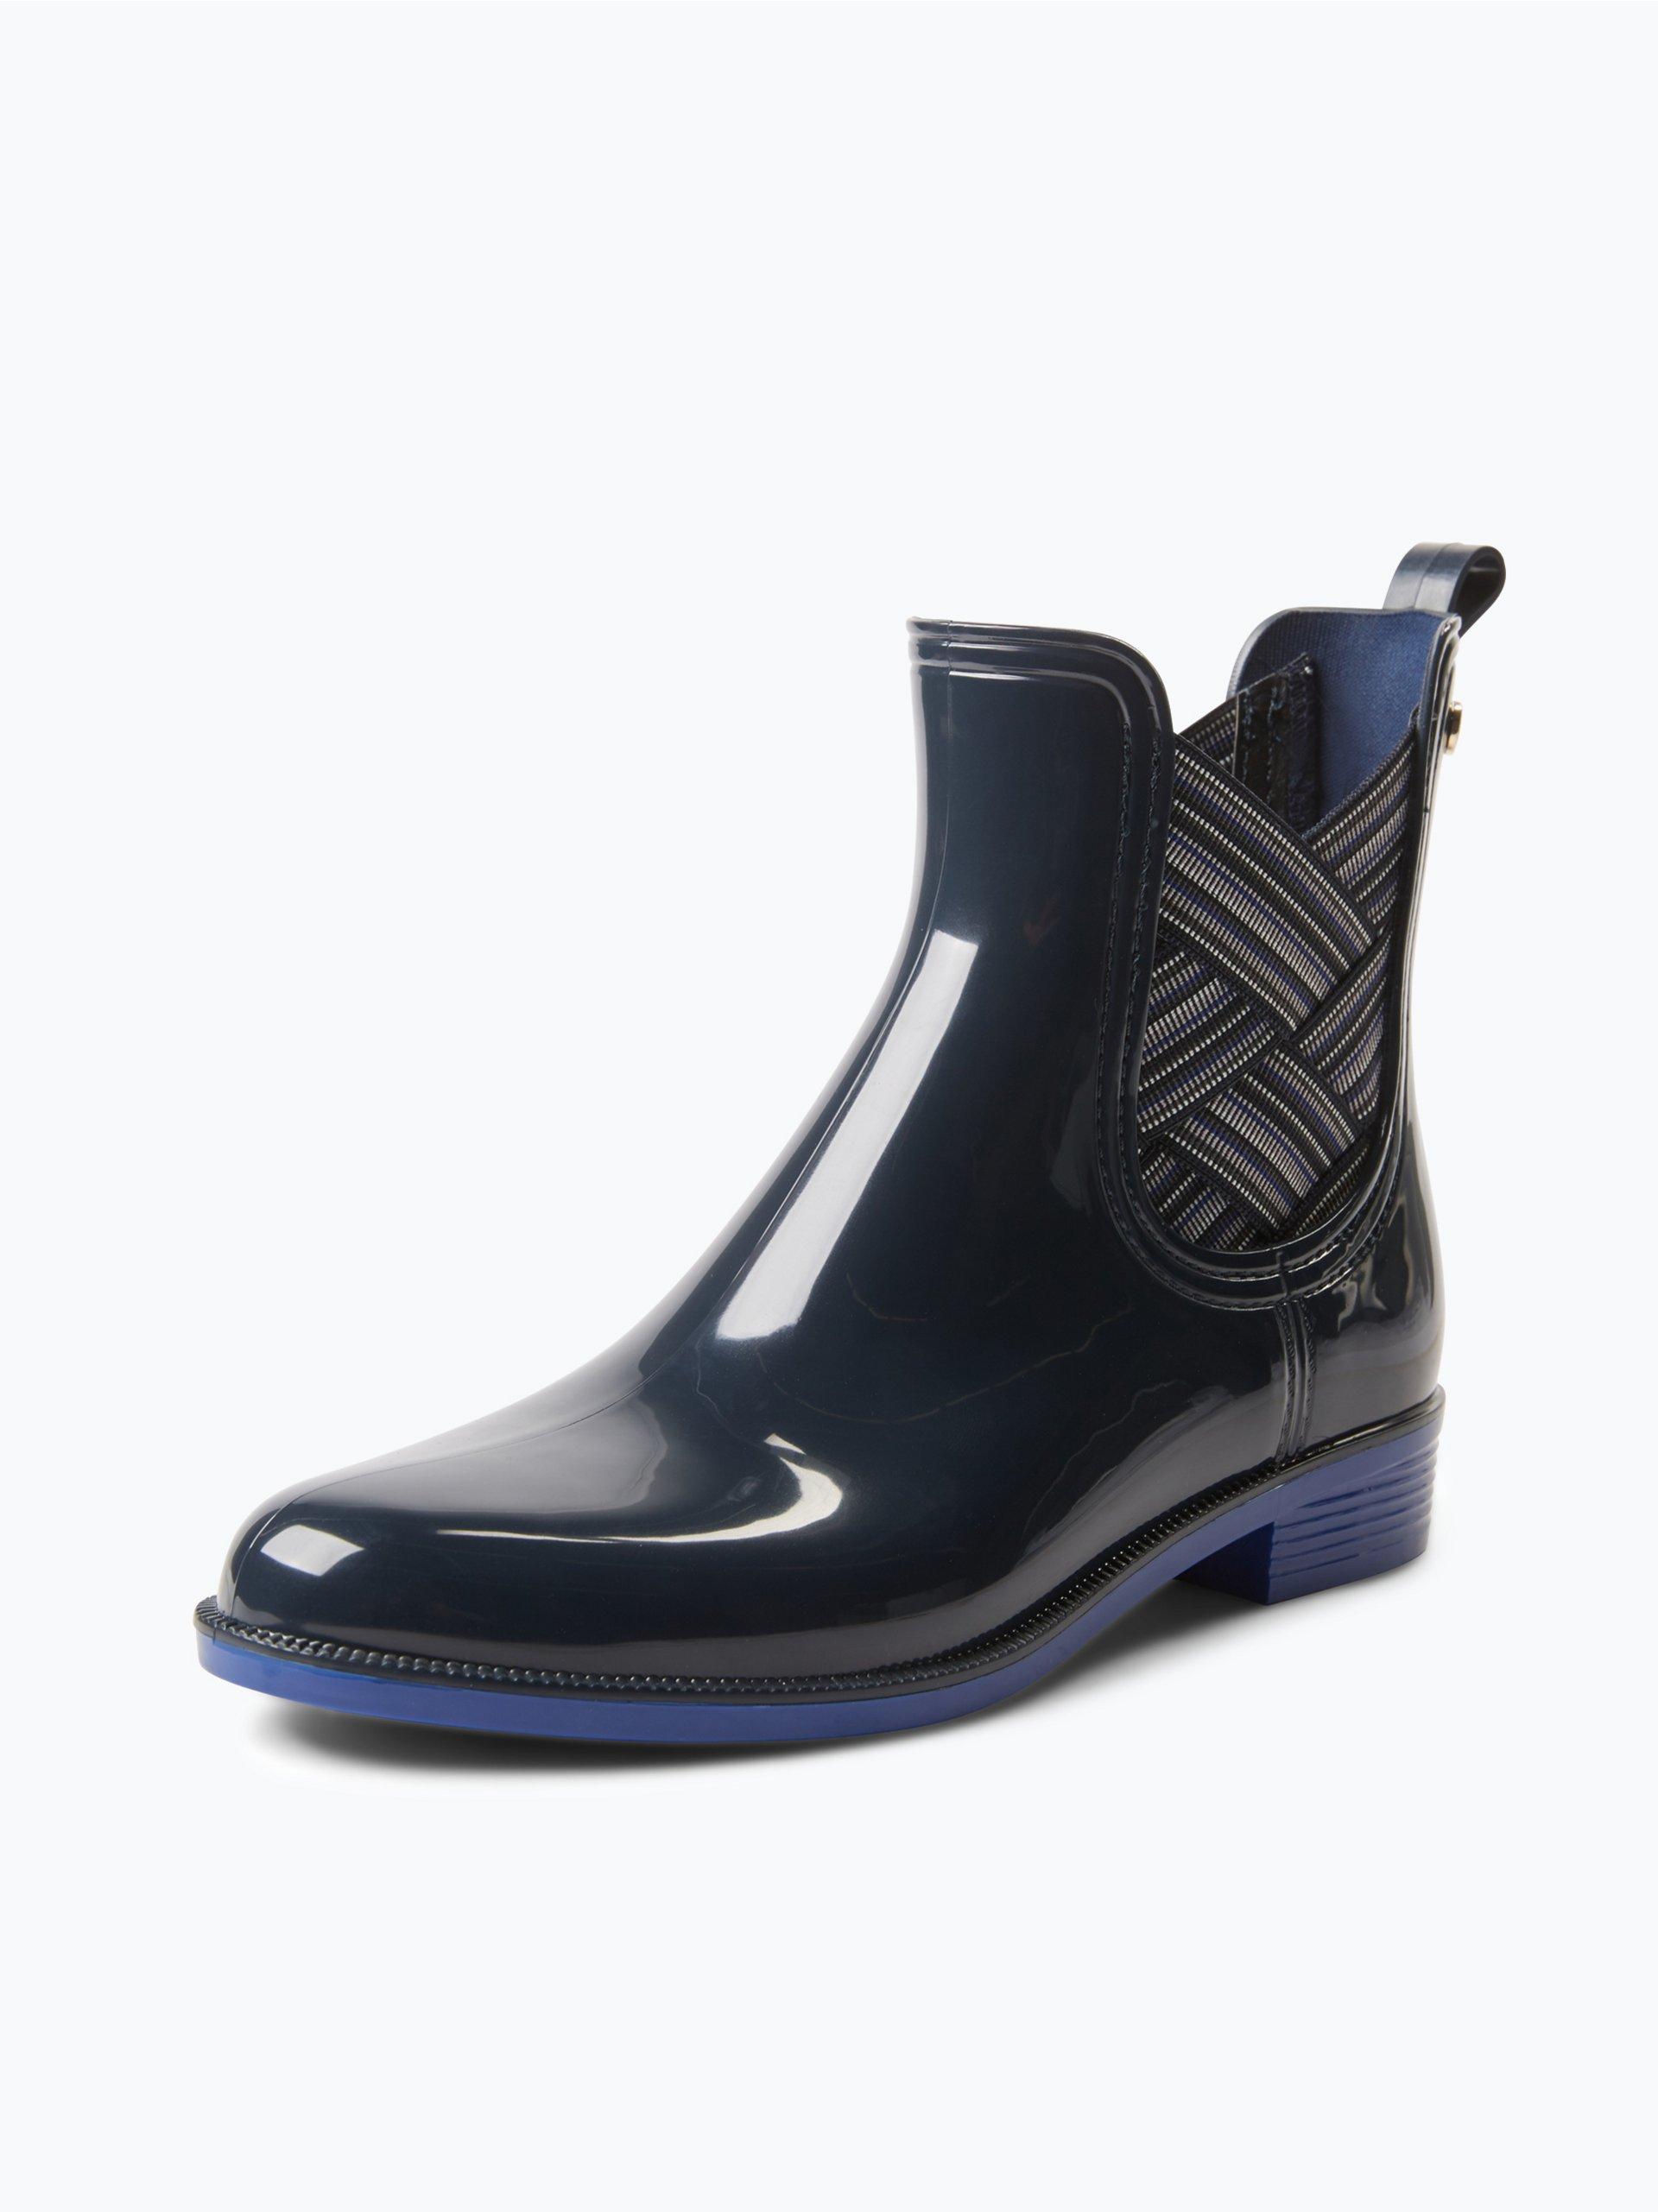 tommy hilfiger damen chelsea boots odette marine uni. Black Bedroom Furniture Sets. Home Design Ideas